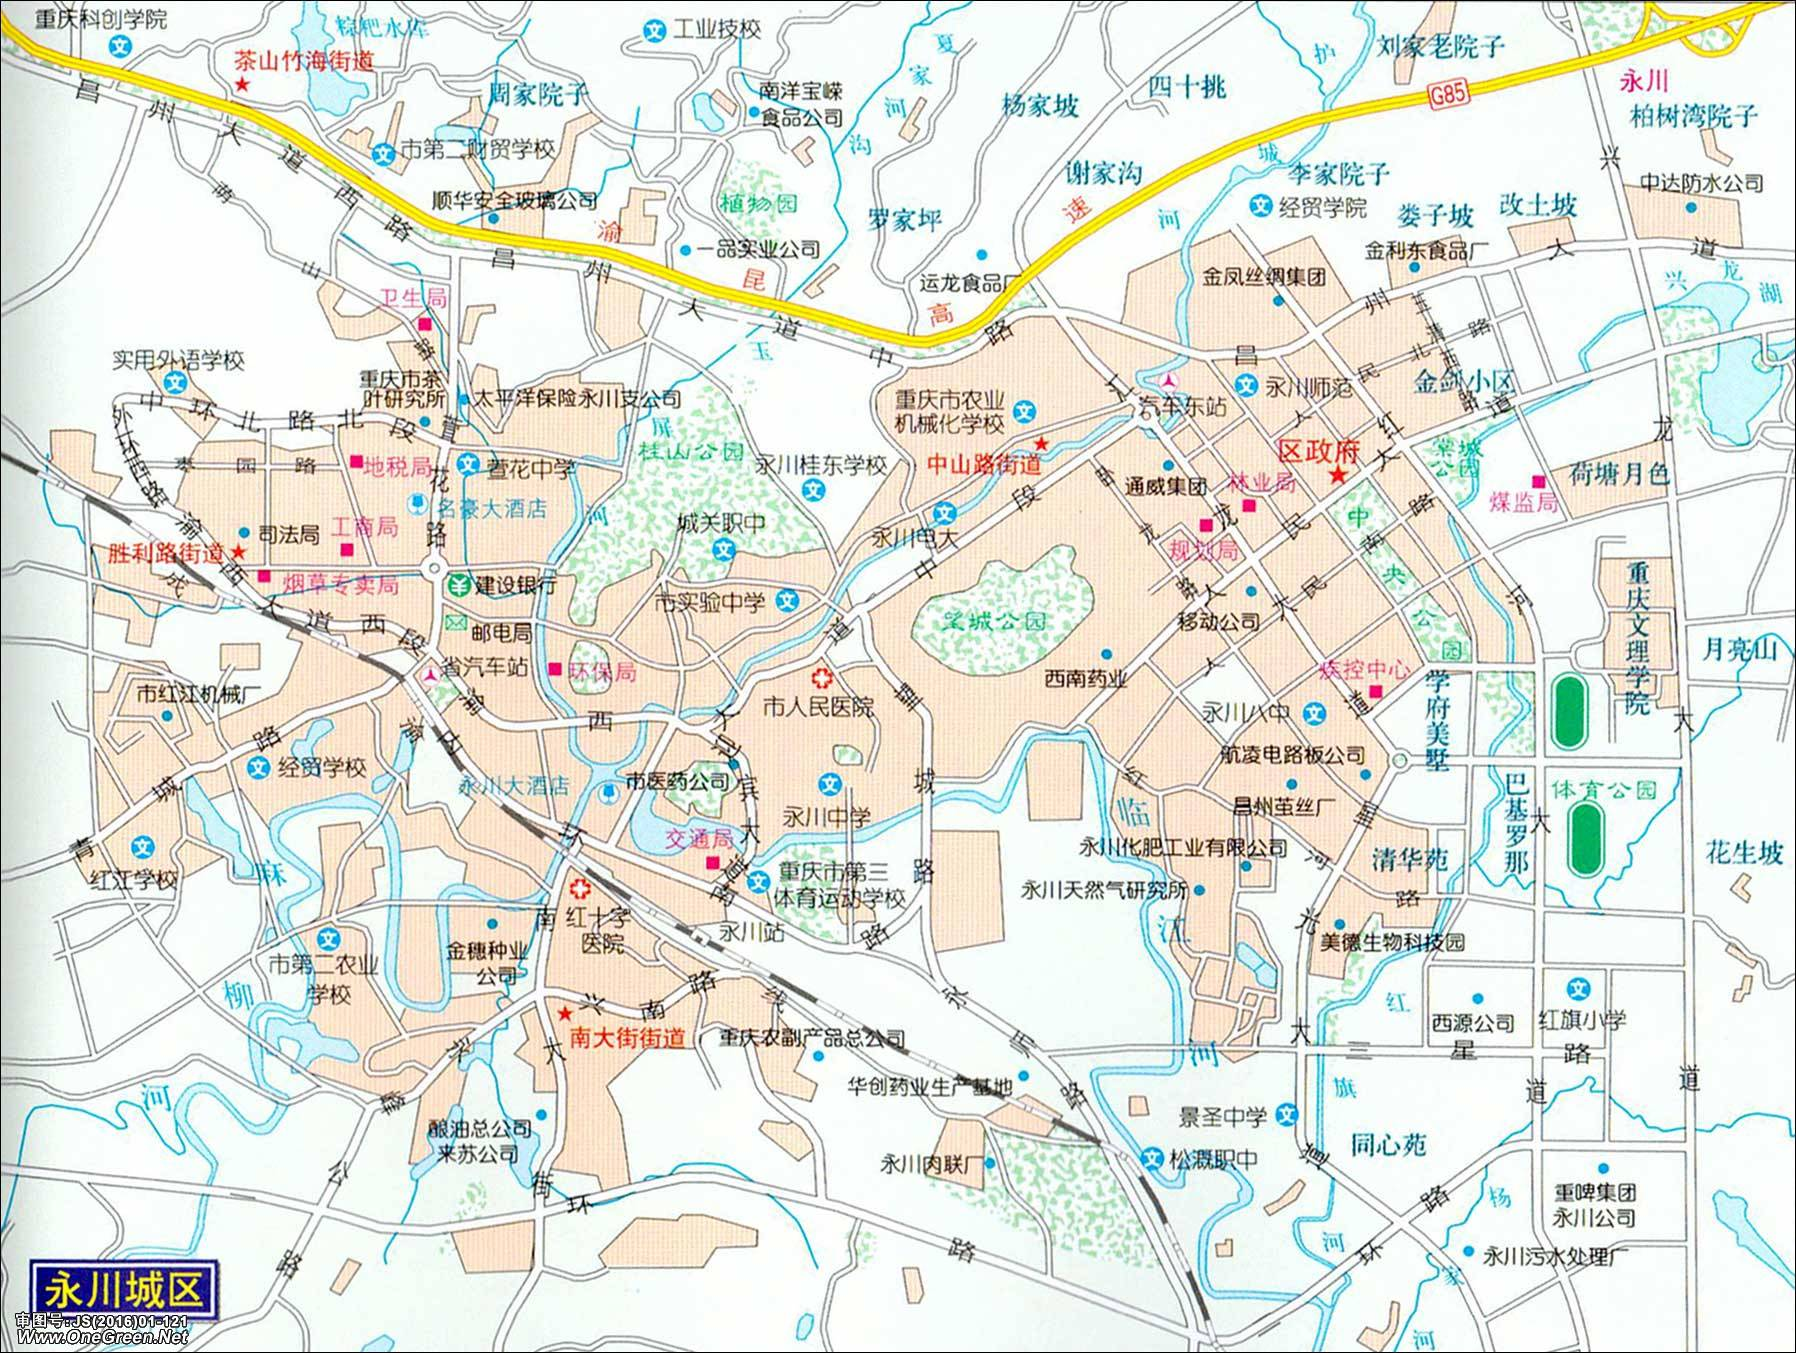 北京高峰时段是几点_北京城区地图_北京城区地图全图_微信公众号文章